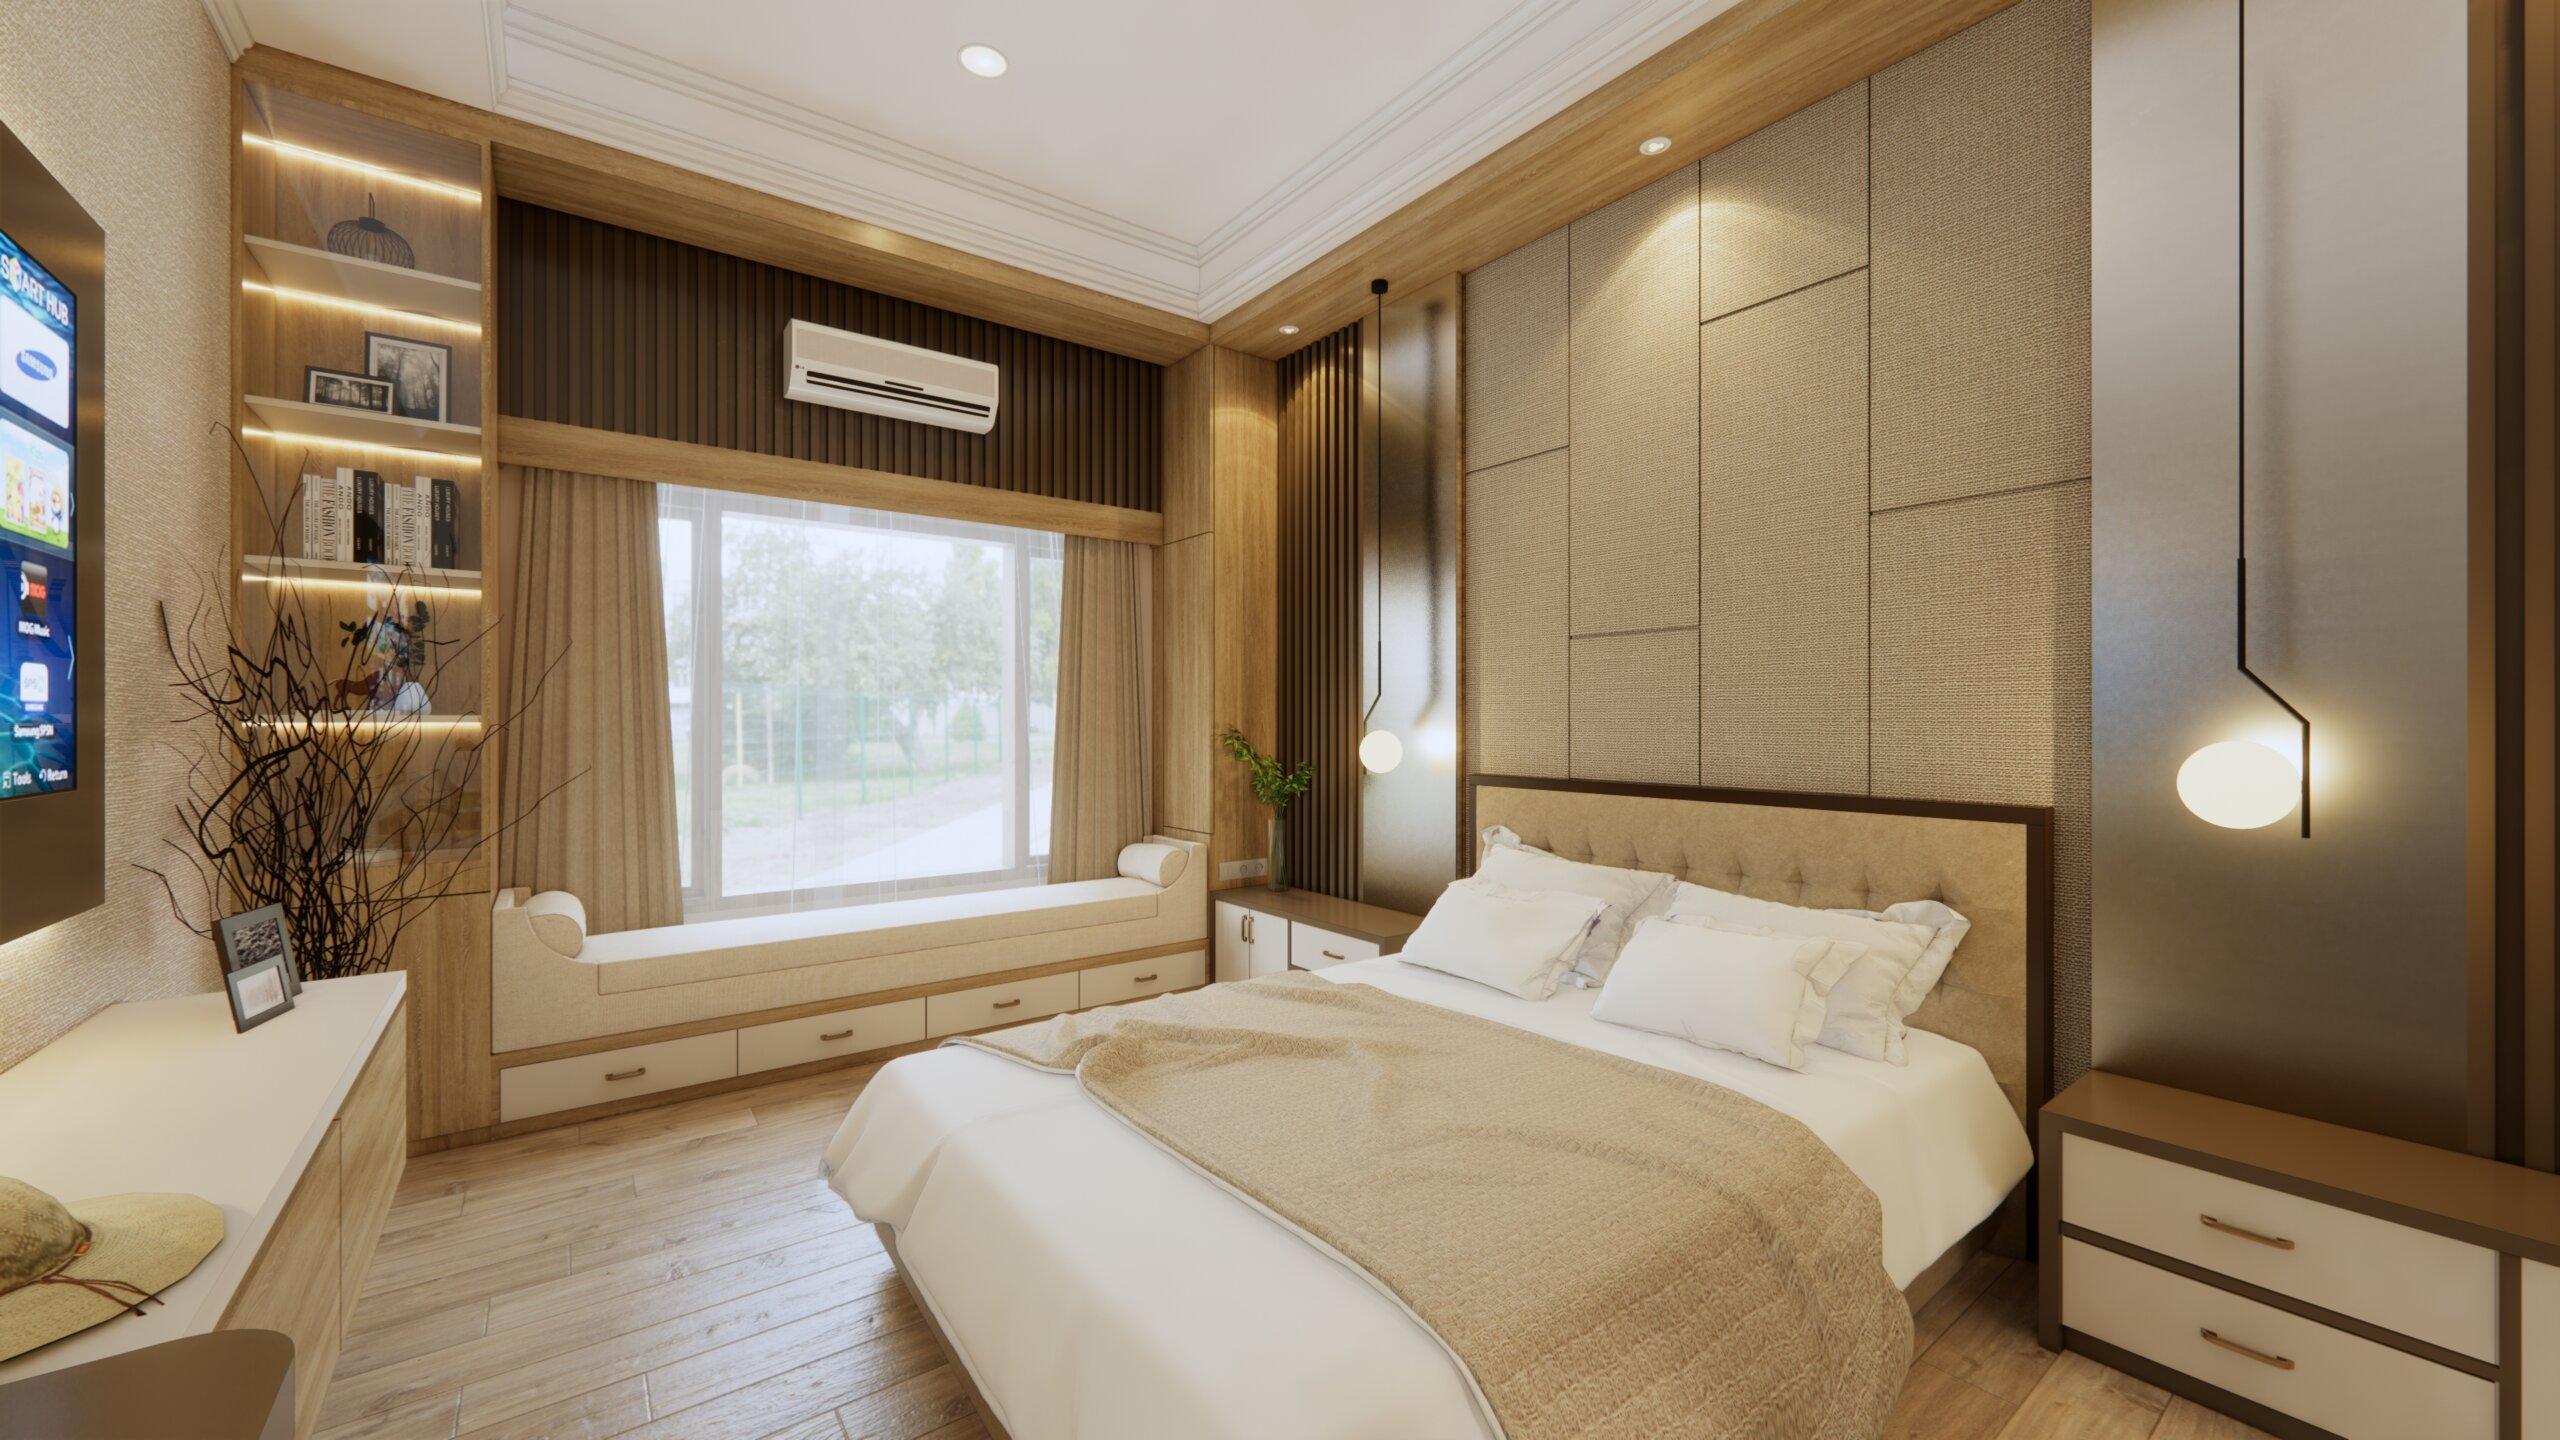 kamar tidur modern yang warm